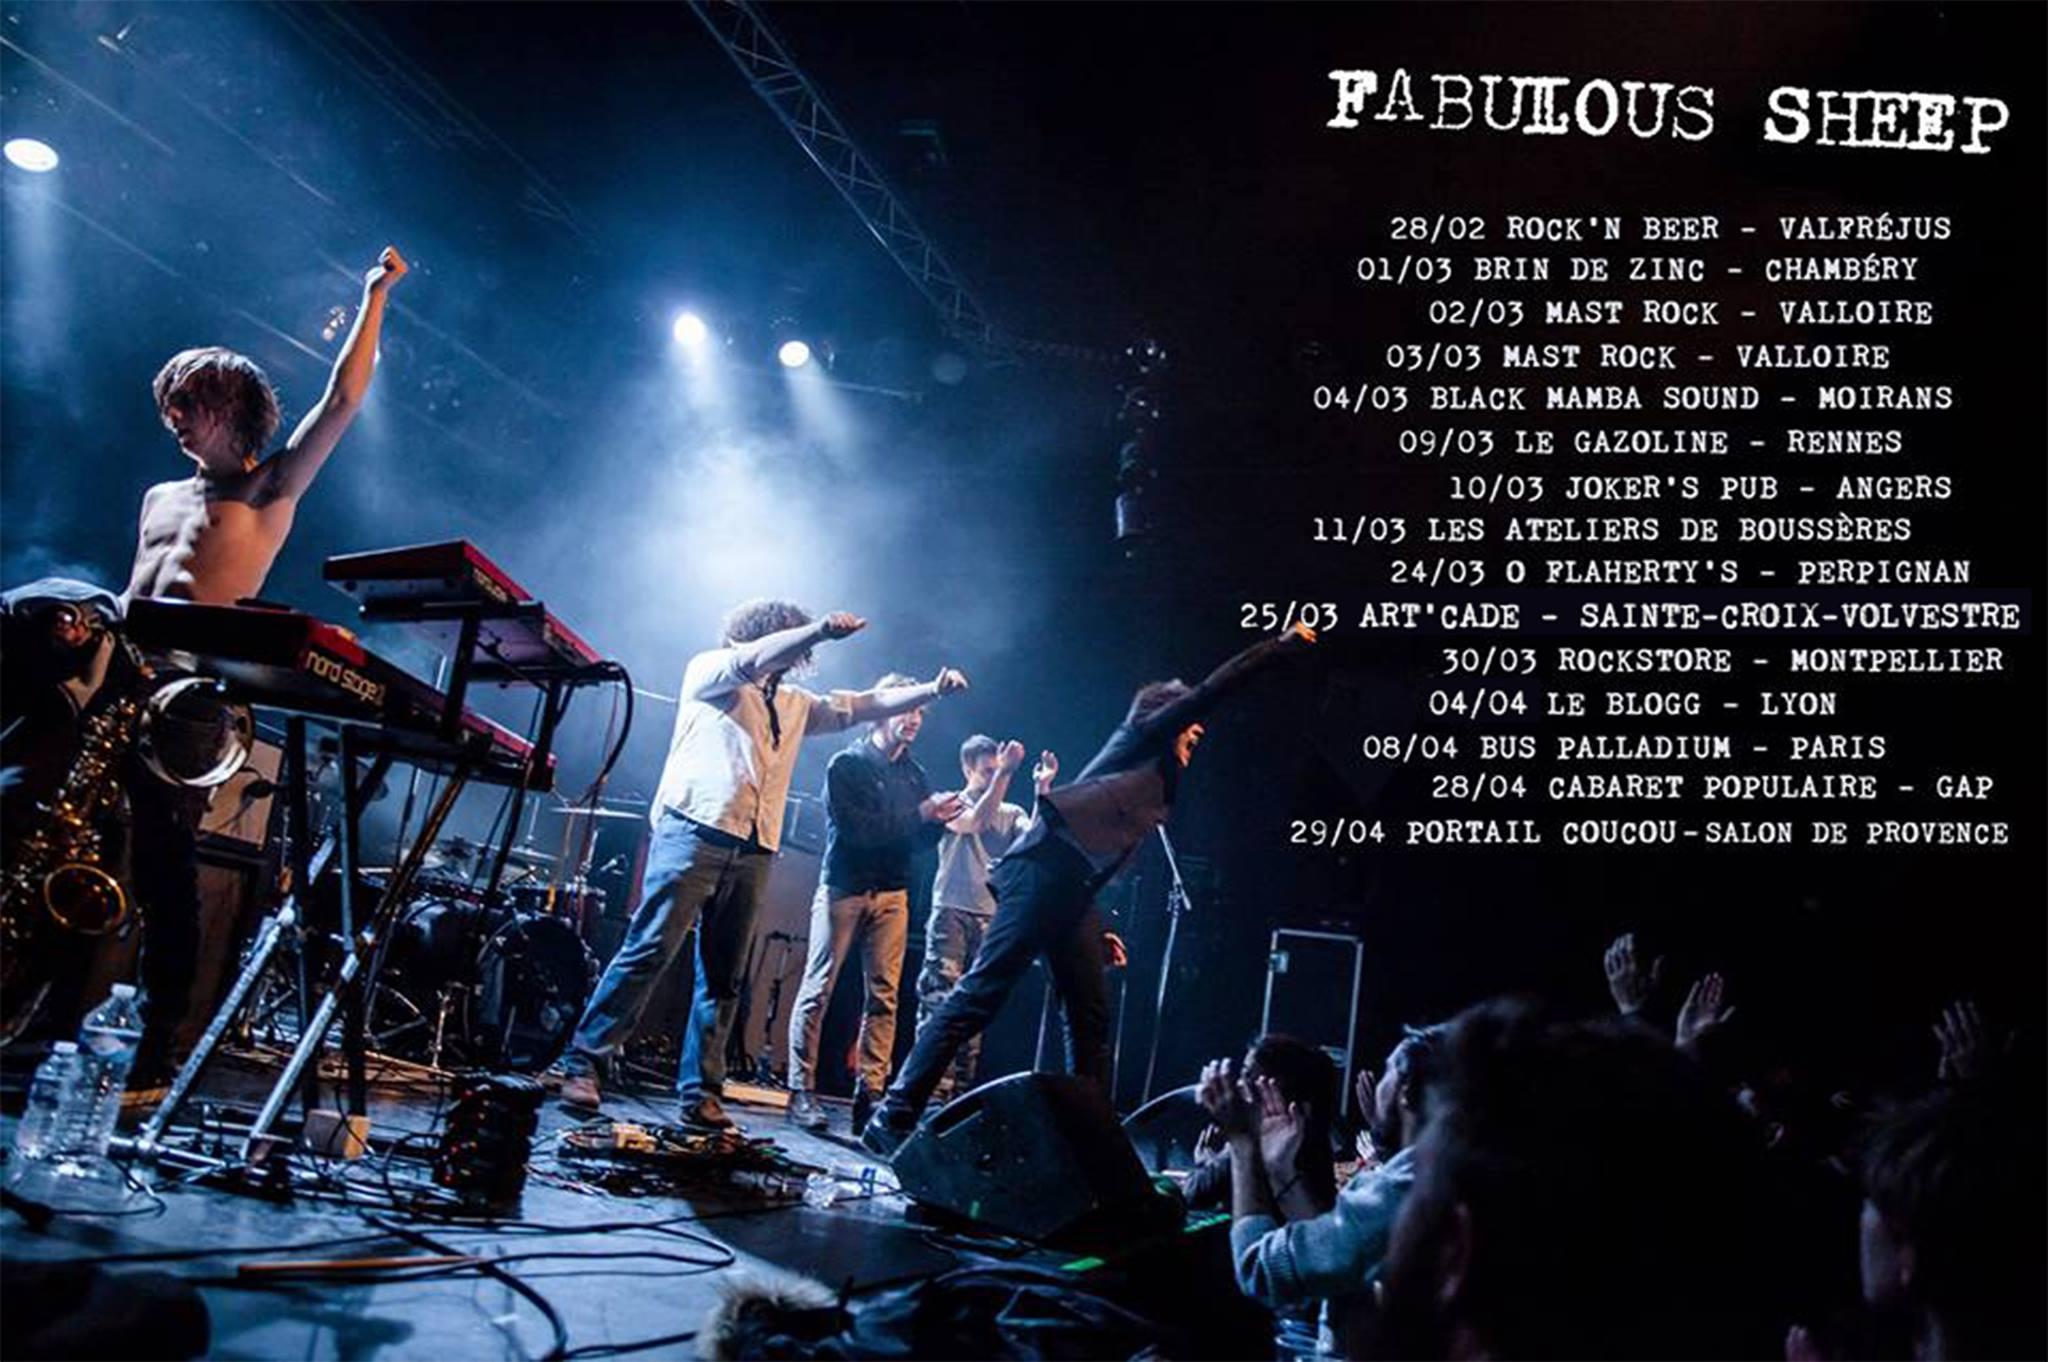 Fabulous sheep, tournée, concert, bus palladium